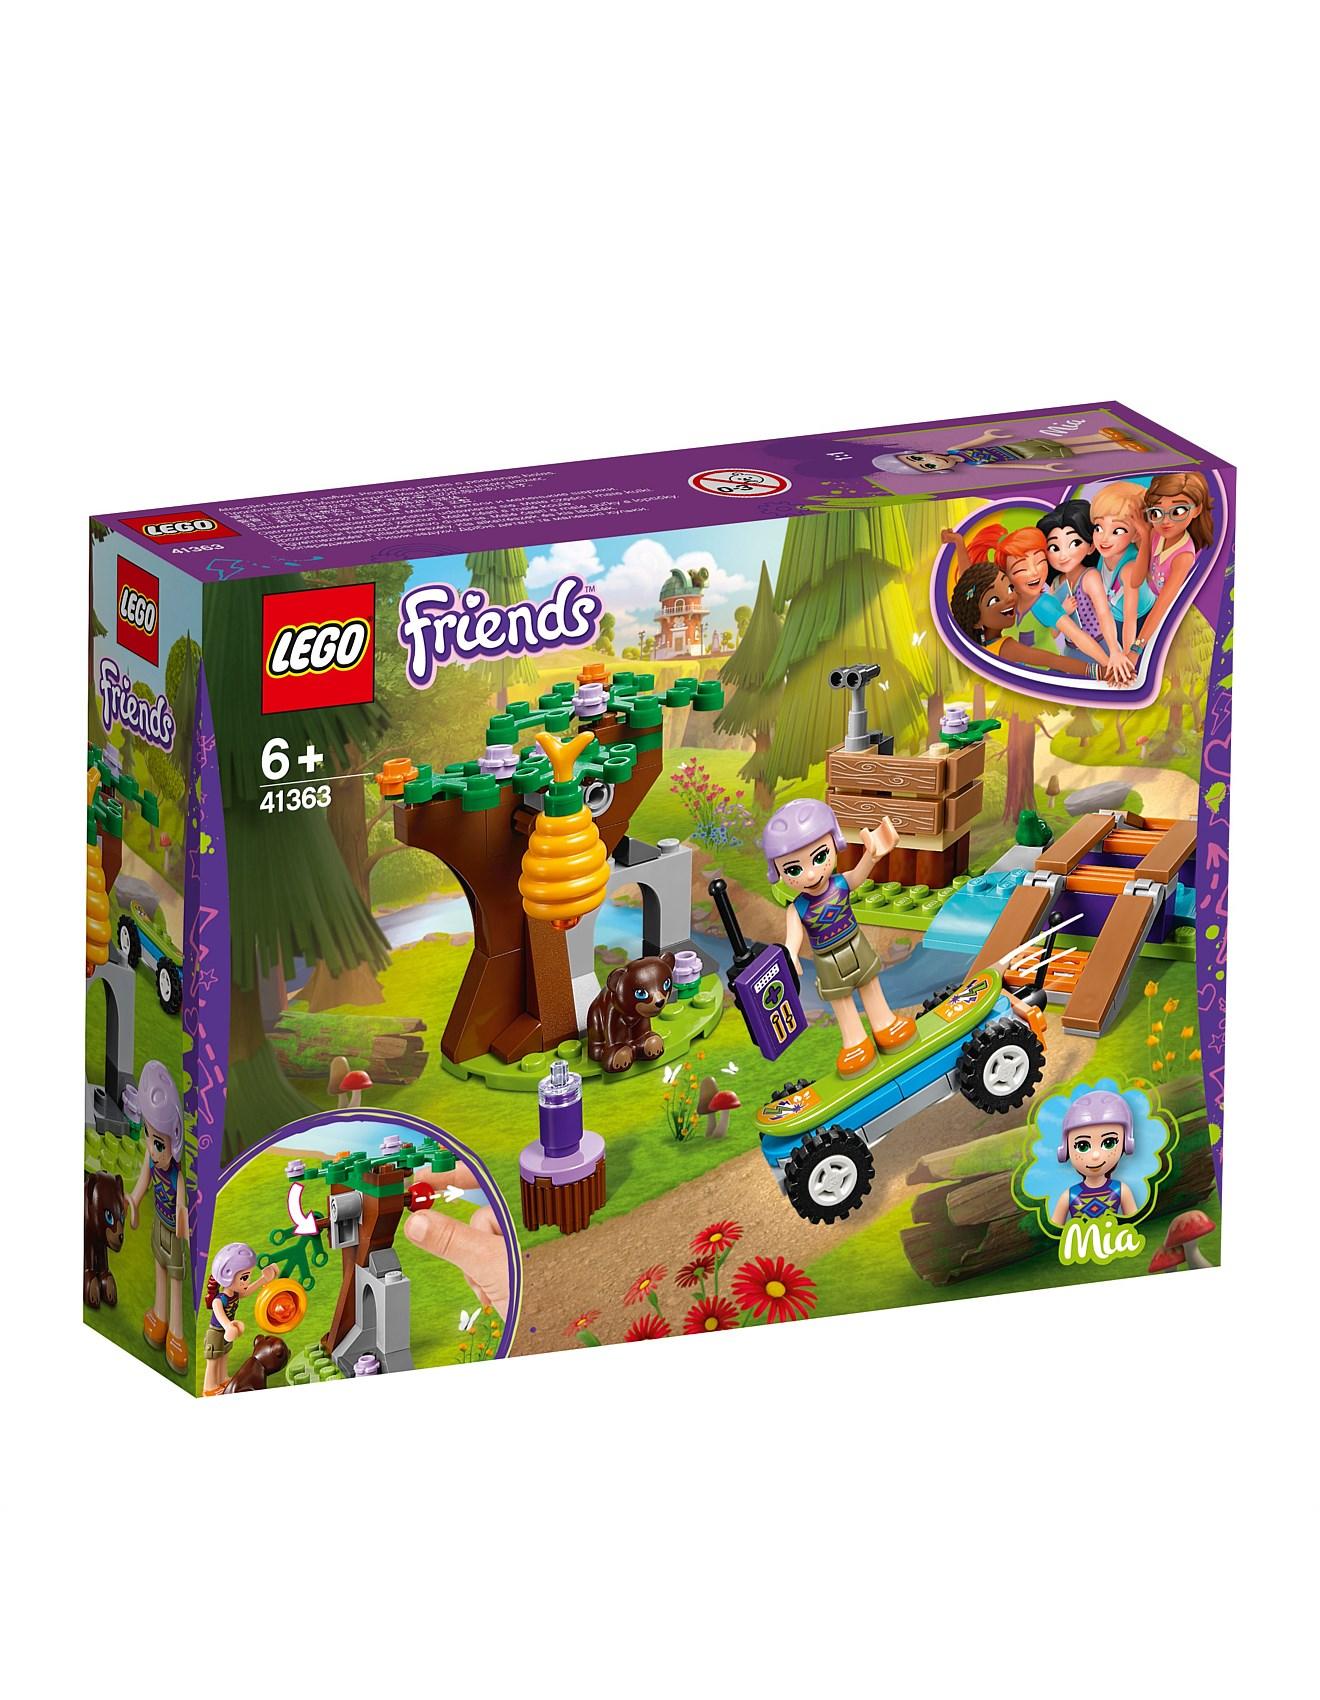 Lego Friends Mias Forest Adventure